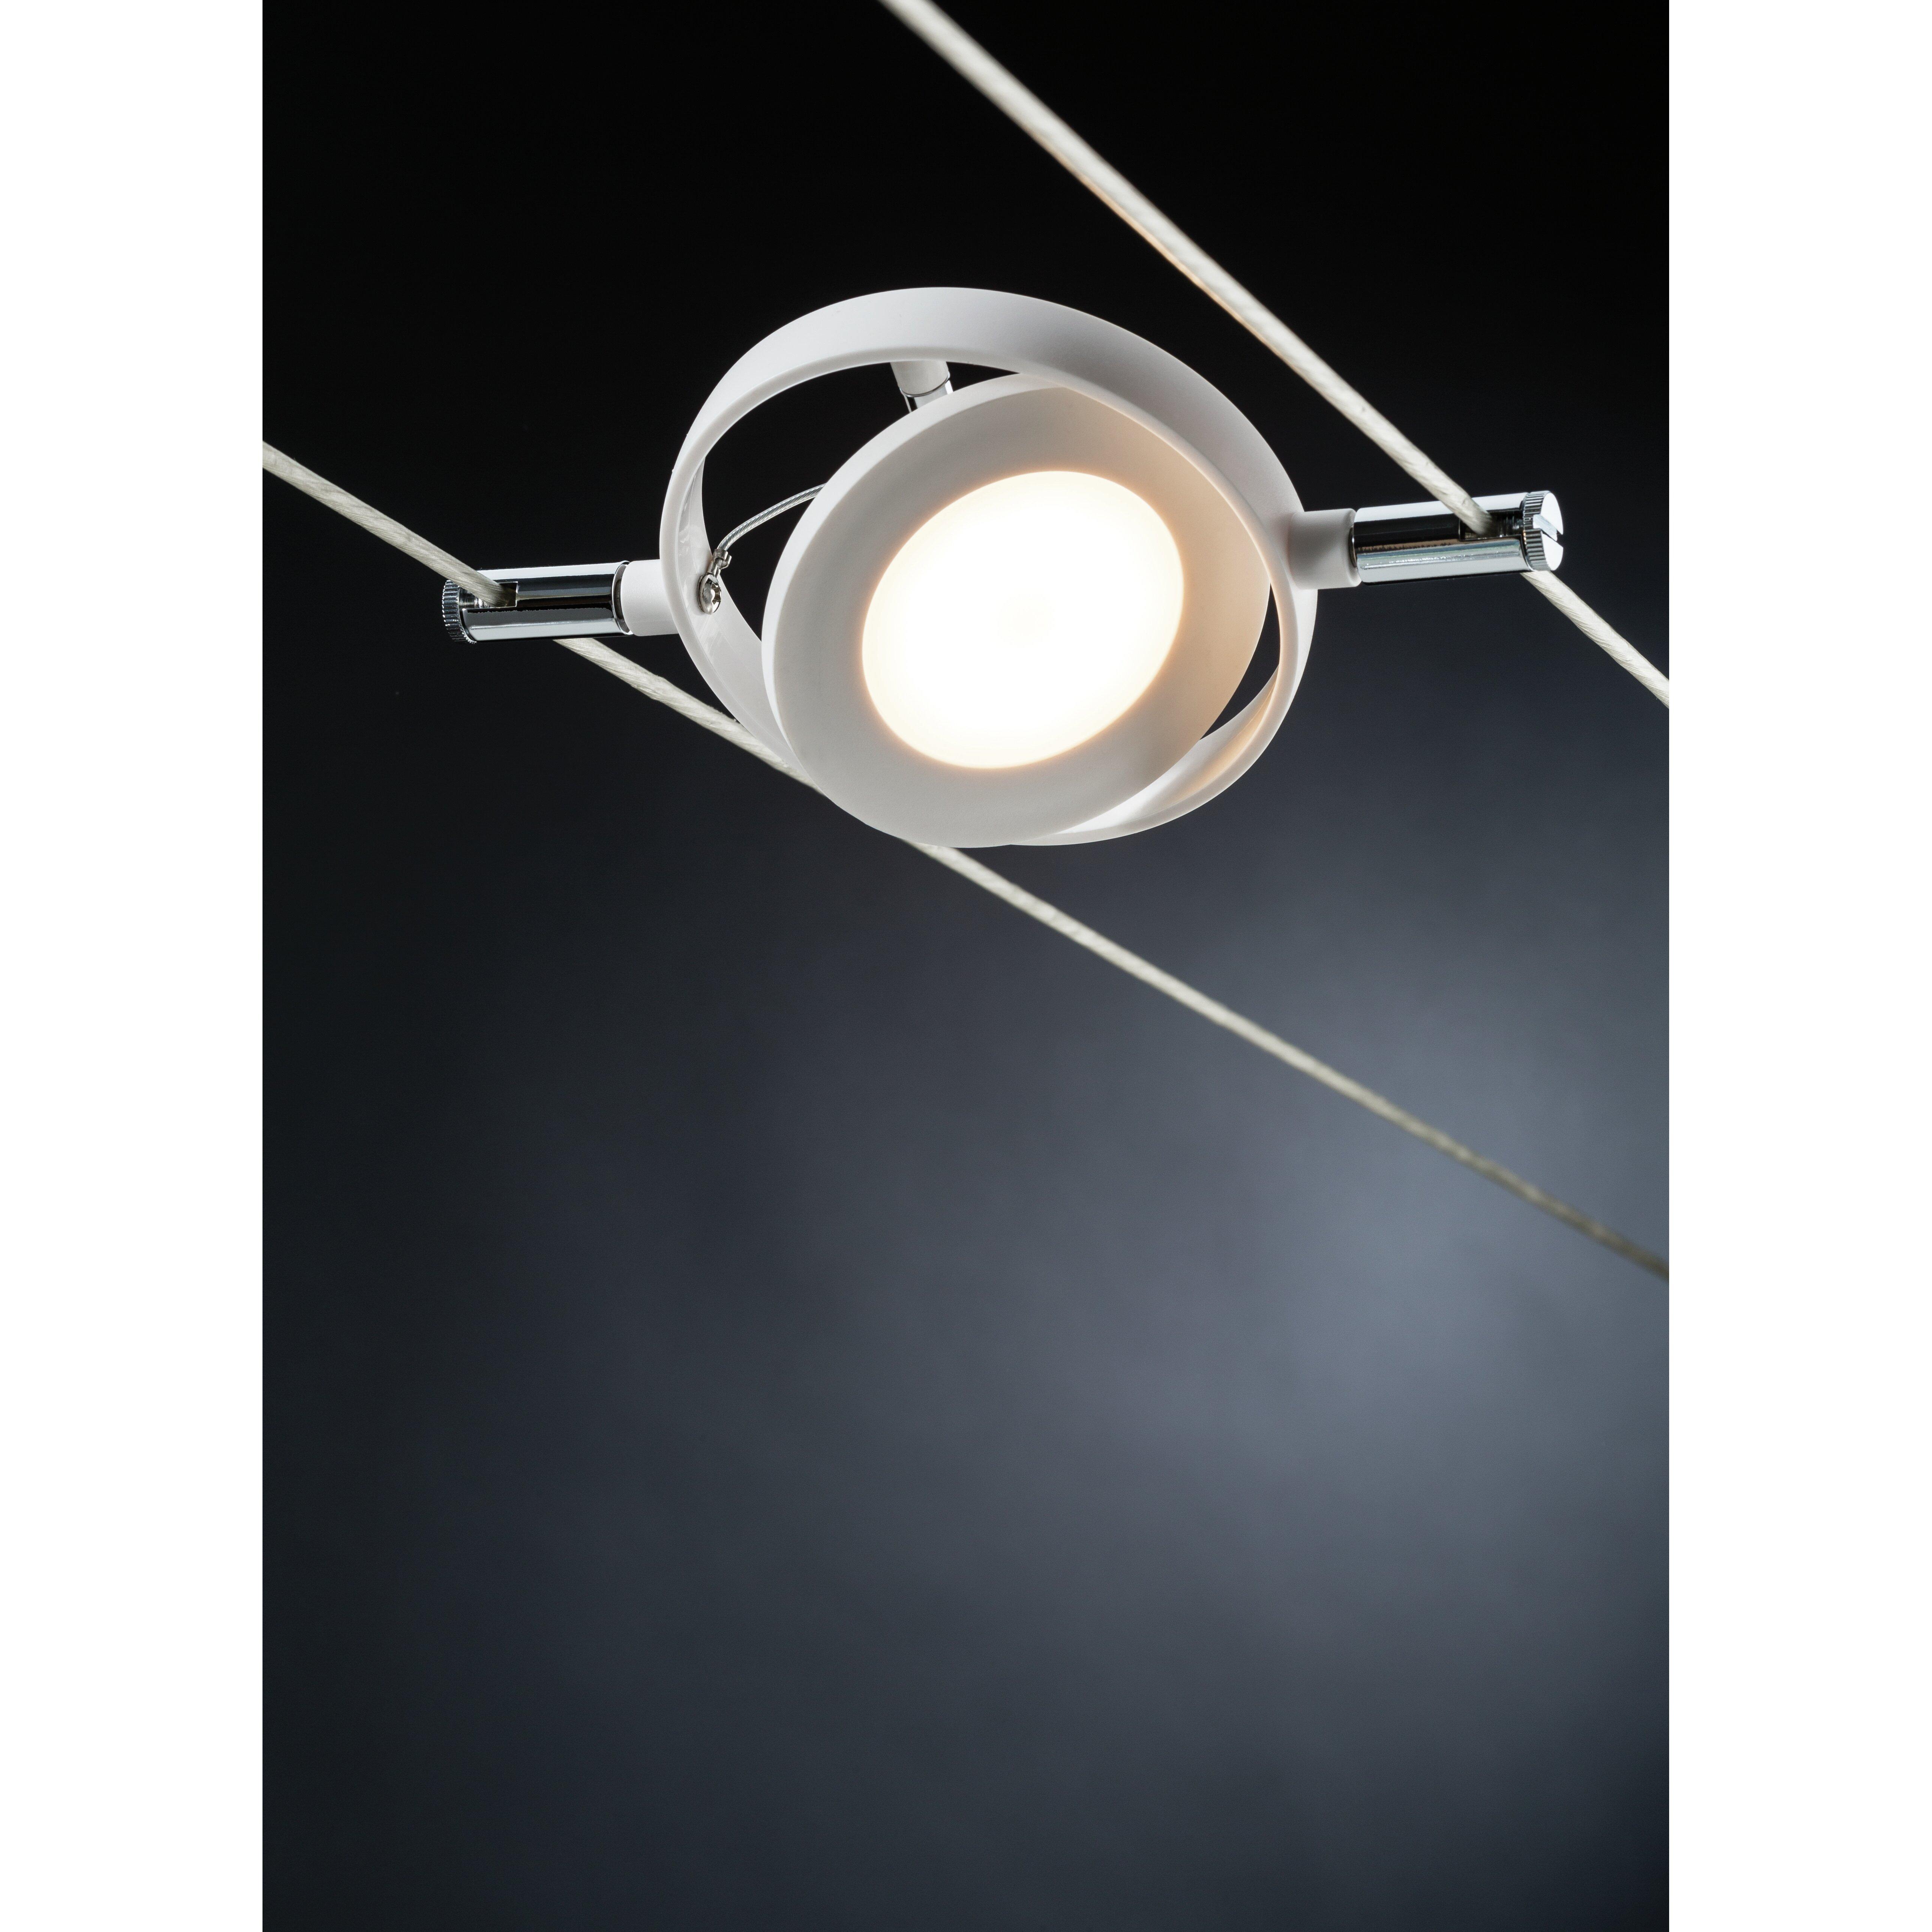 paulmann roundmac 6 light full track lighting kit reviews wayfair uk. Black Bedroom Furniture Sets. Home Design Ideas